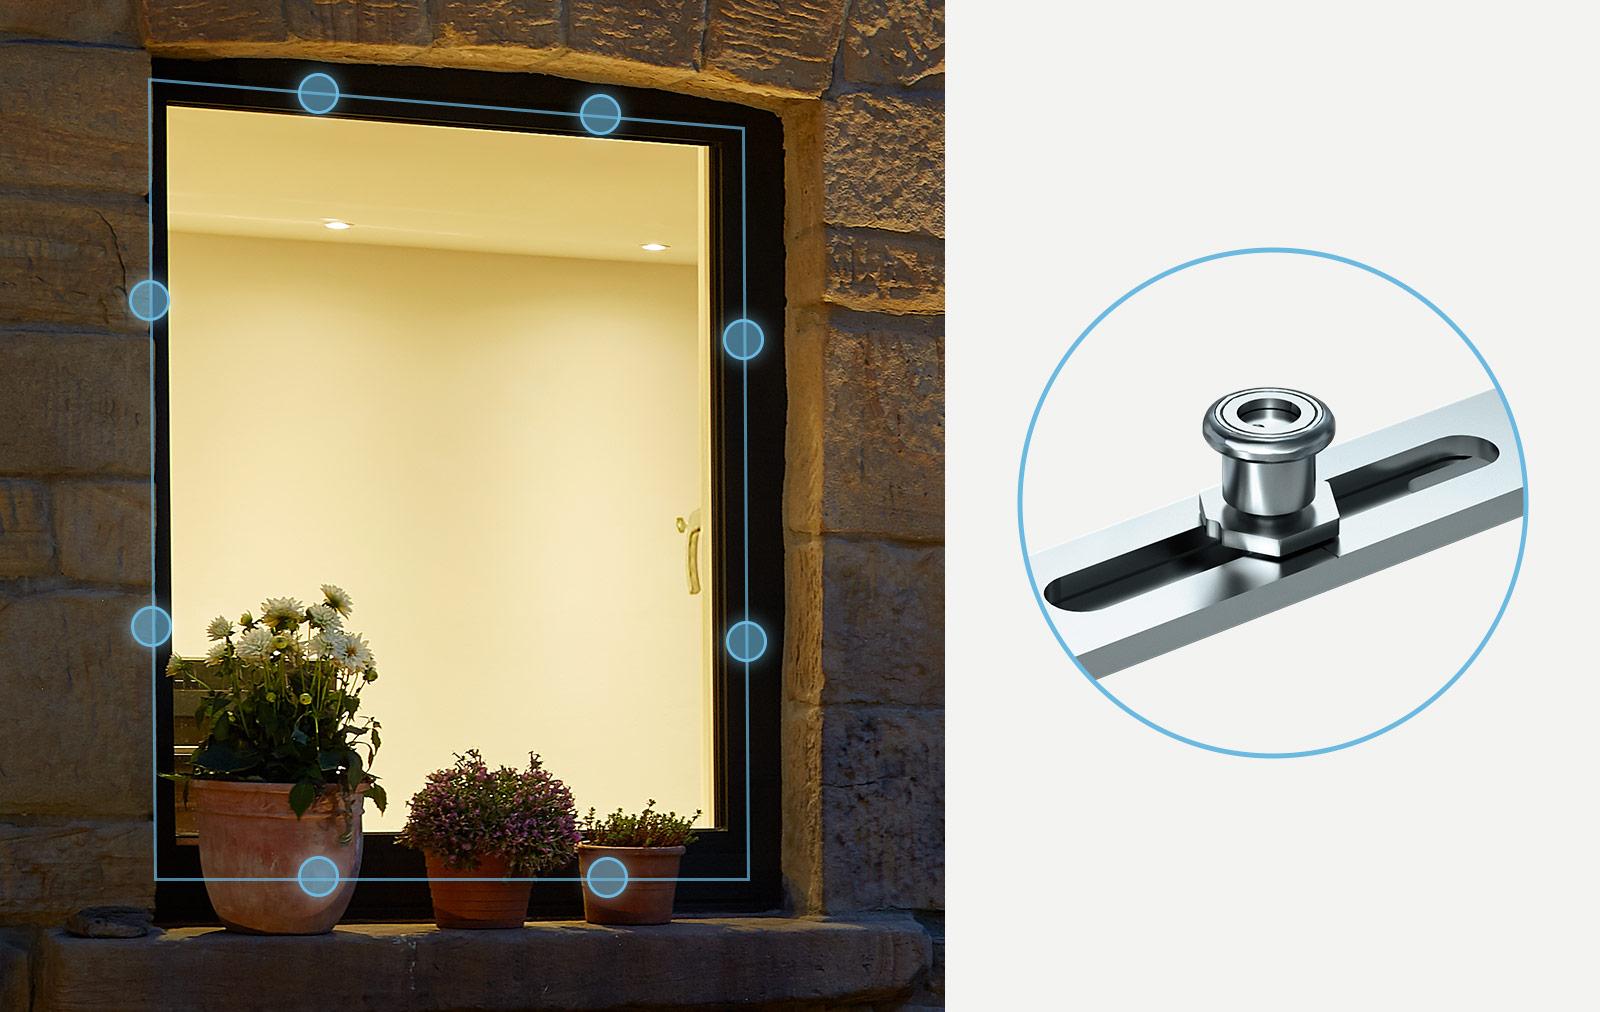 Sichere fenster t ren und schiebet ren for Fenster sichern gegen aufhebeln